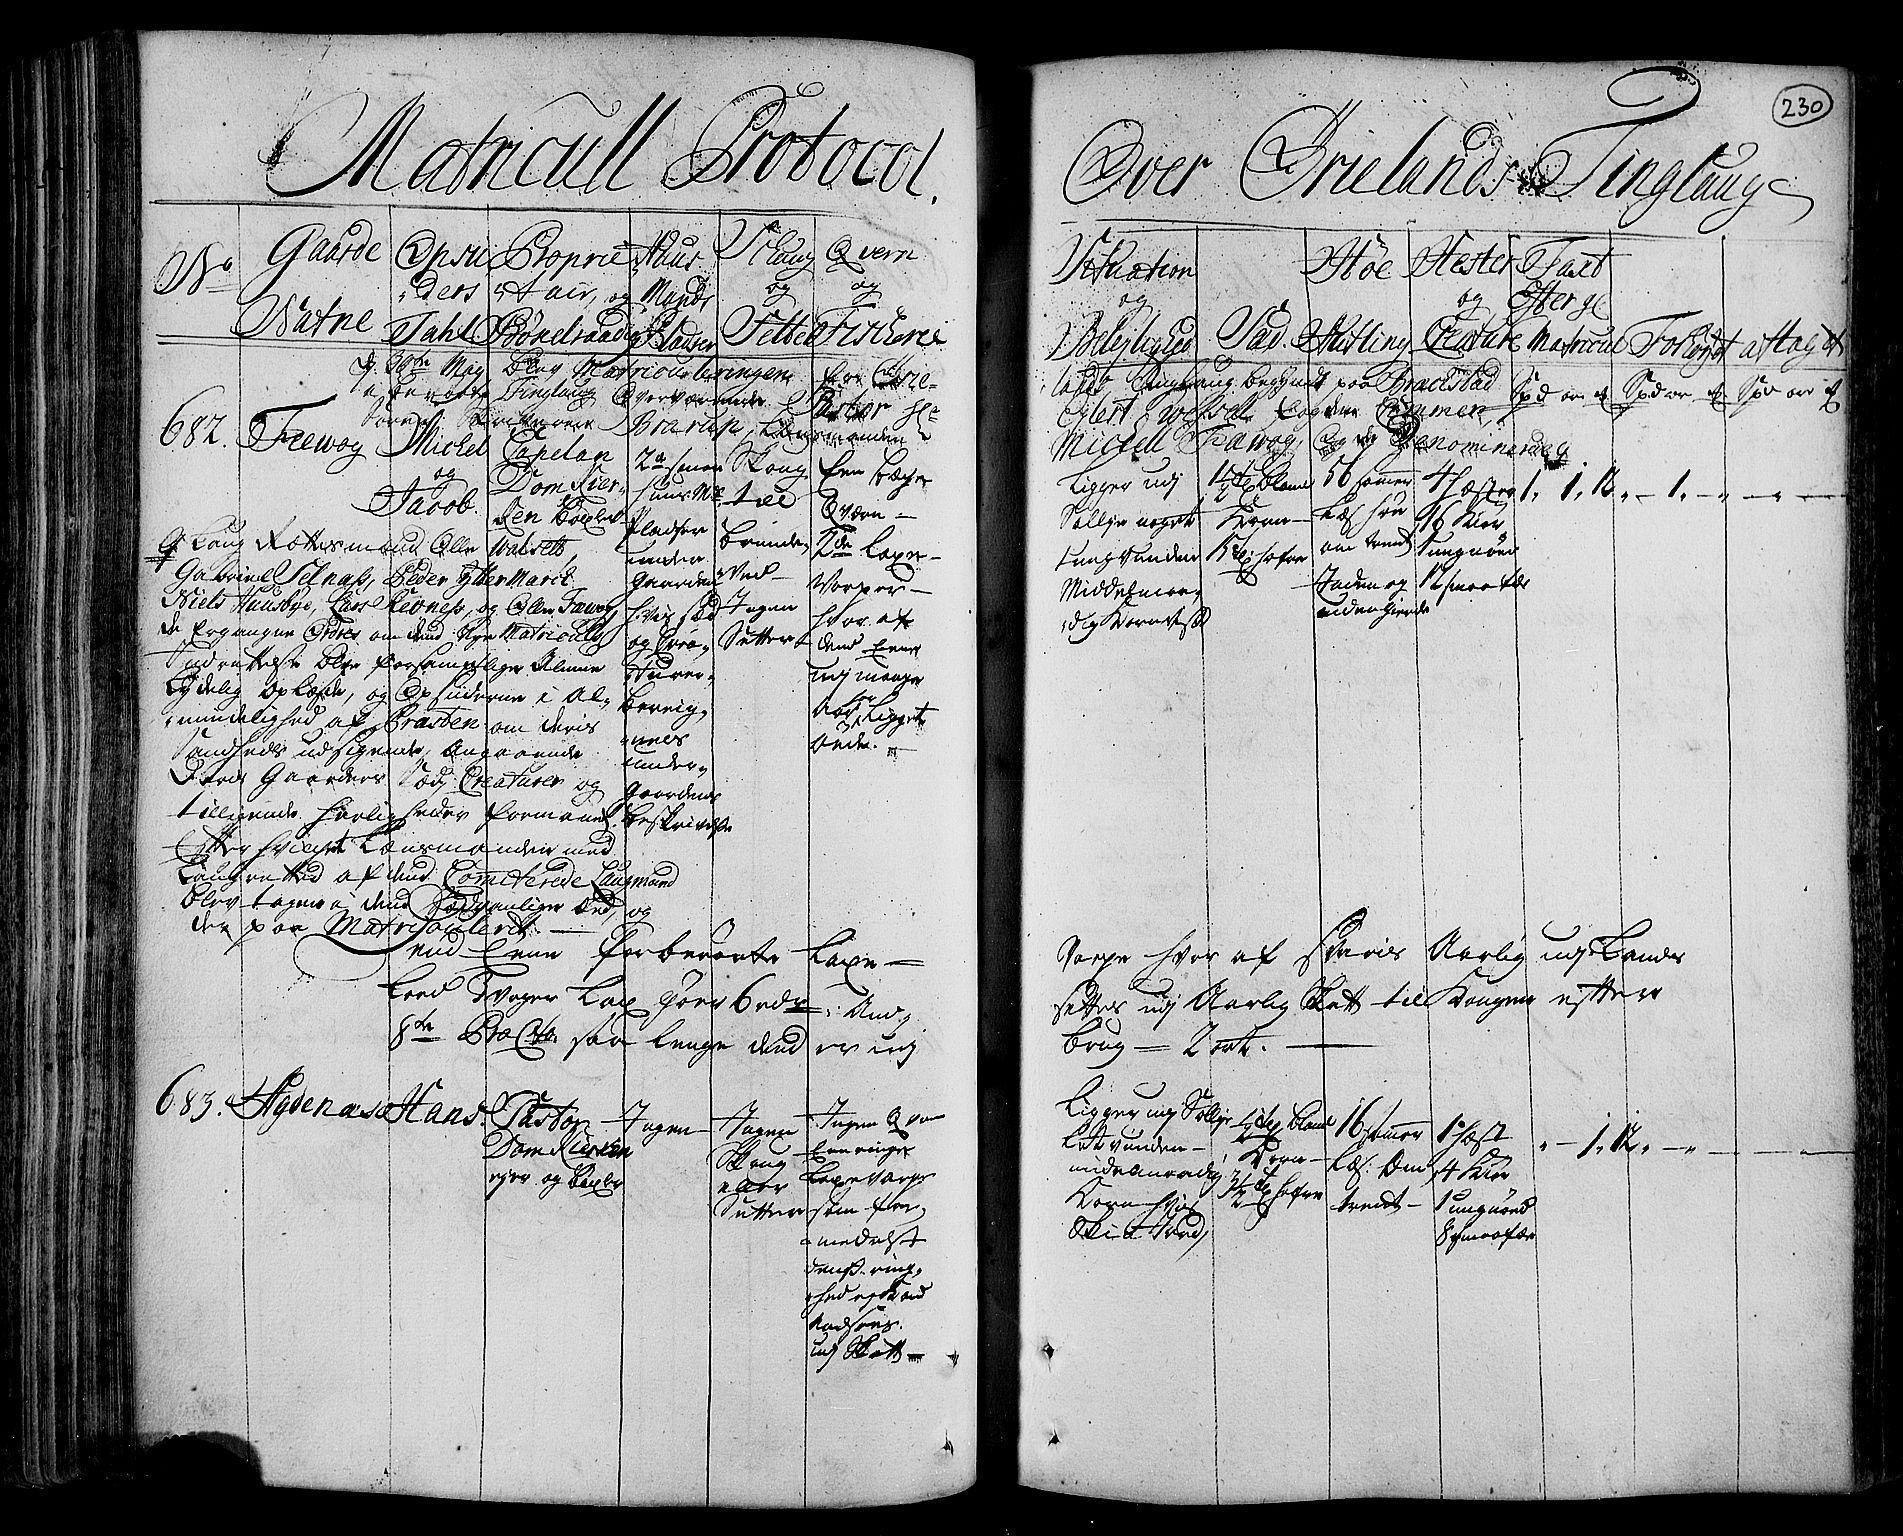 RA, Rentekammeret inntil 1814, Realistisk ordnet avdeling, N/Nb/Nbf/L0162: Fosen eksaminasjonsprotokoll, 1723, s. 229b-230a